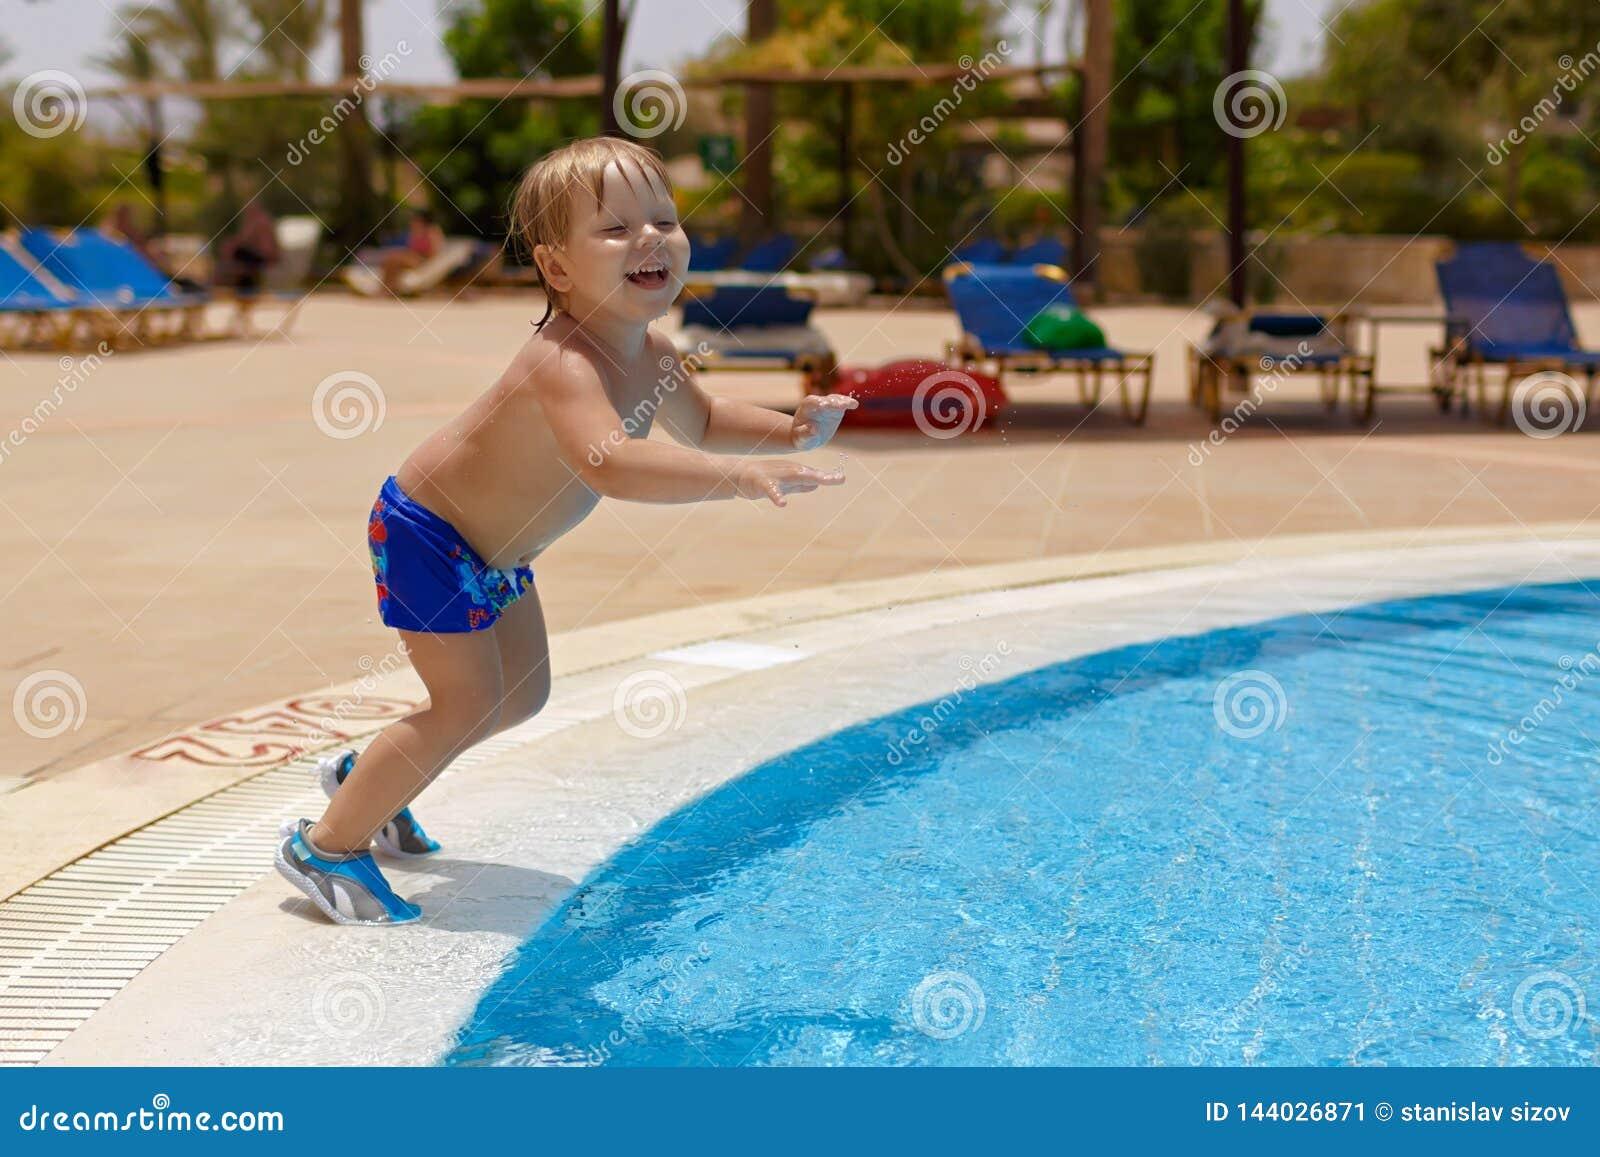 Opgewekte blond-haired kindjongen die in het zwembad gaan springen